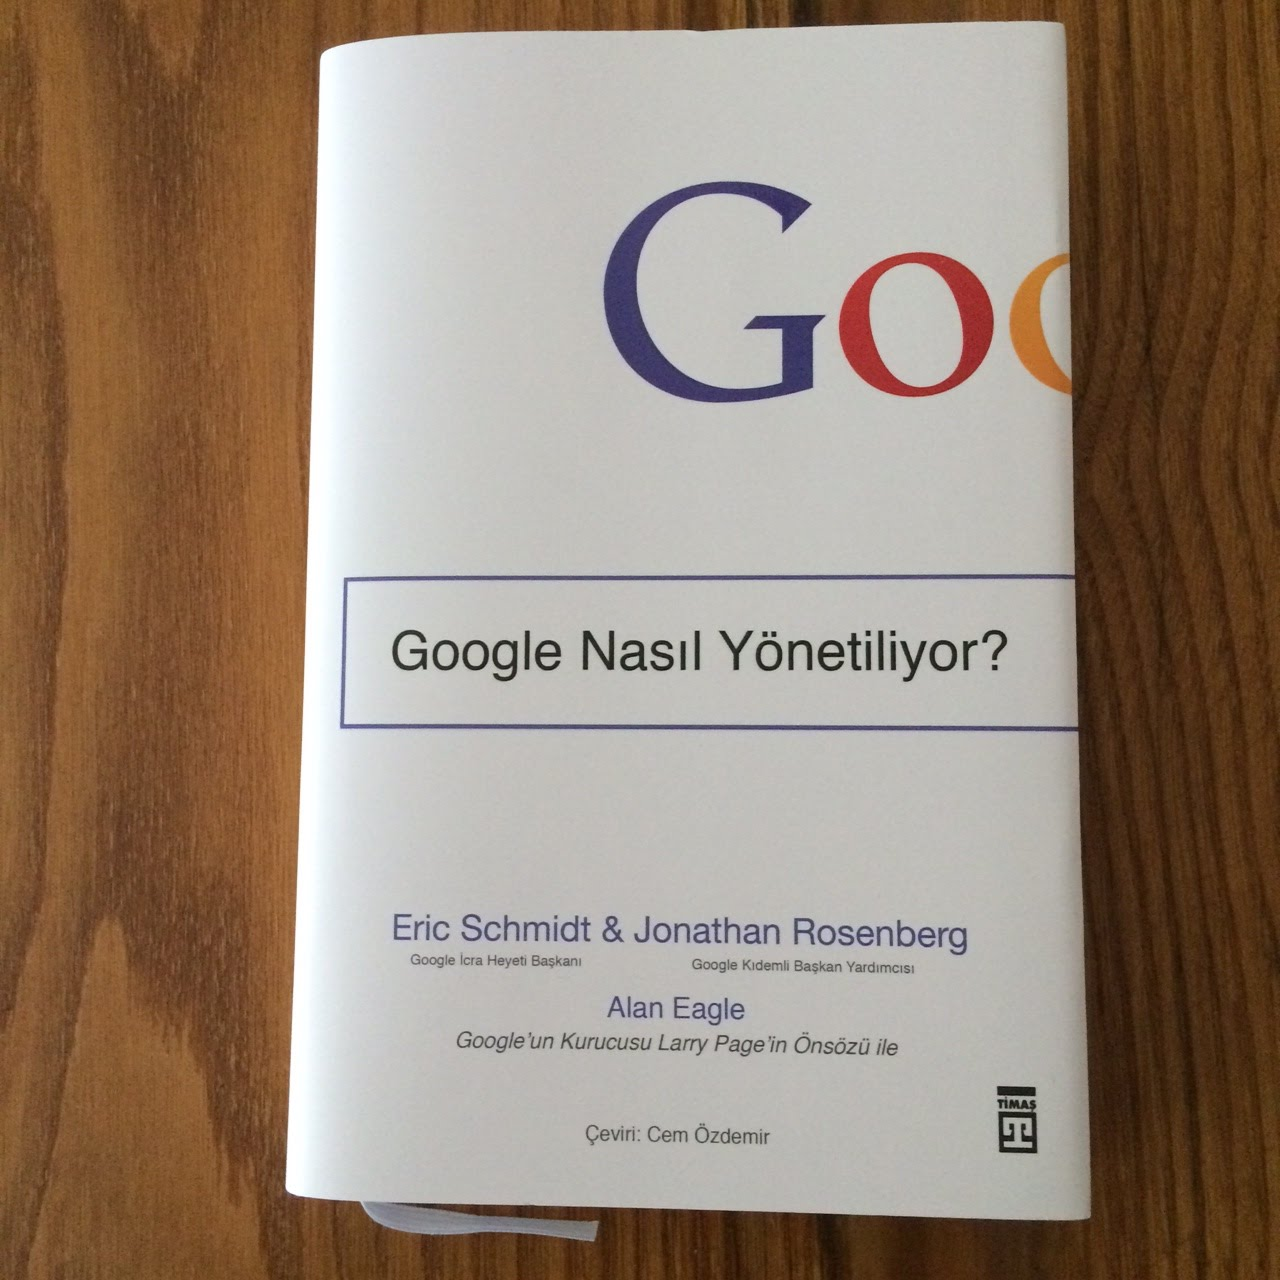 Google Nasil Yonetiliyor?